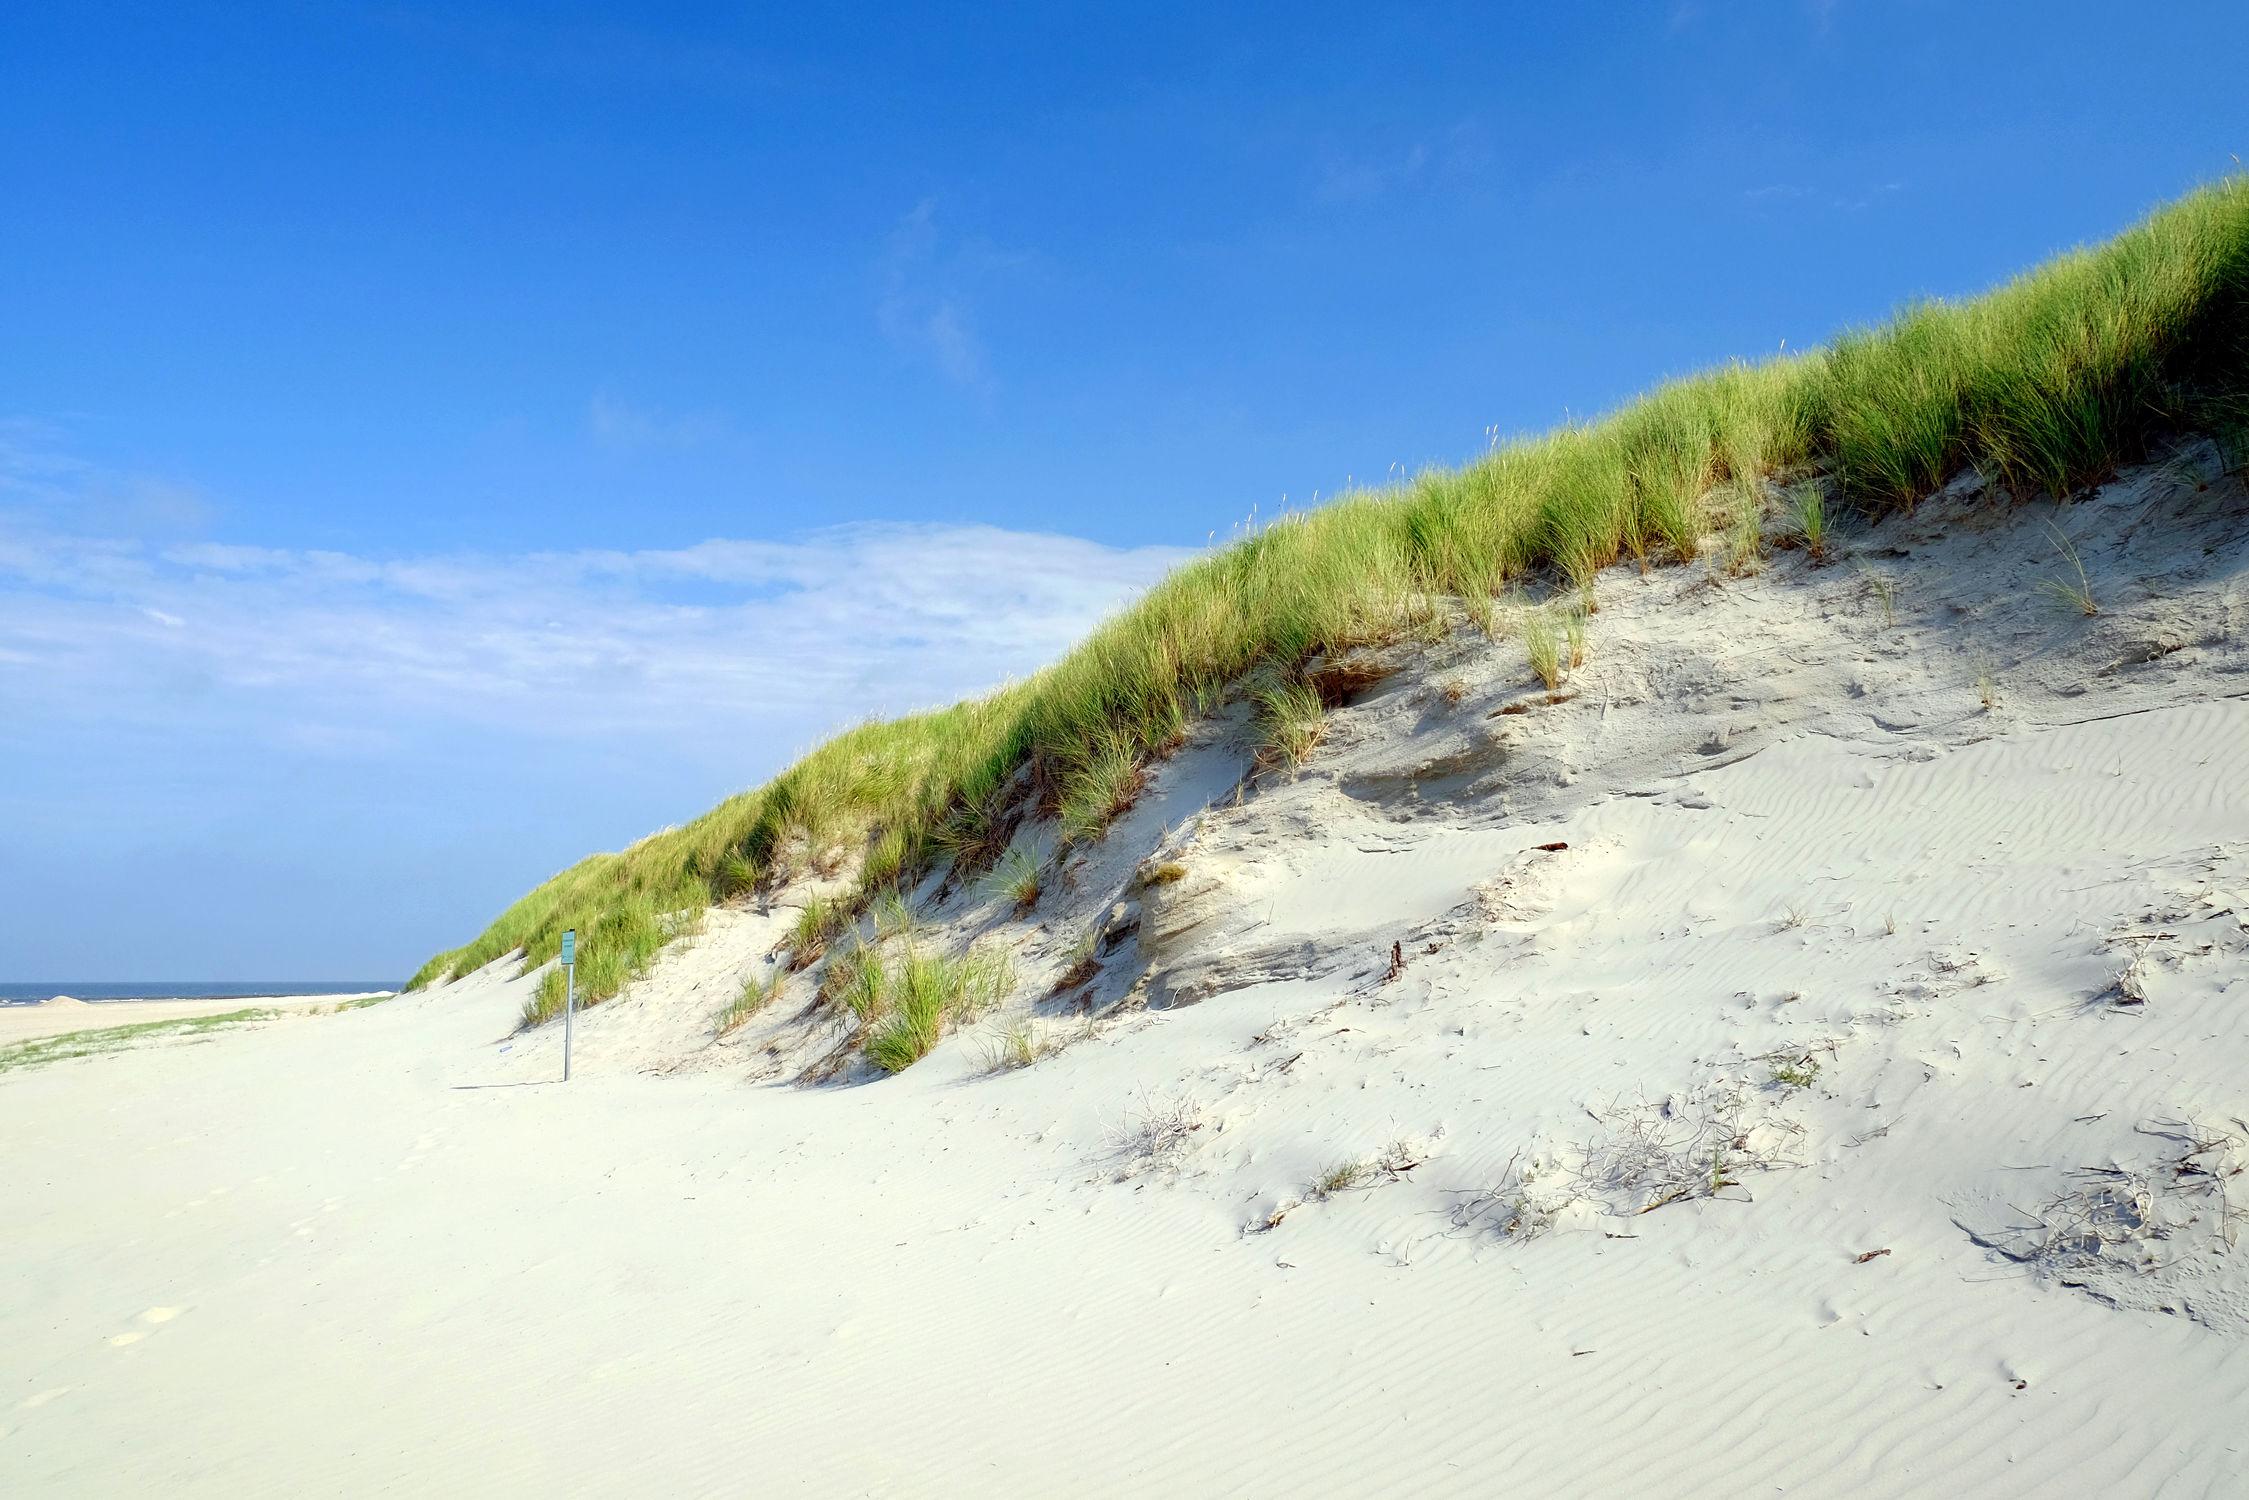 Bild mit Strände, Nordsee, Strand / Meer, Ostfriesland, Naturschutzgebiet, Norderney, Inselschutz, Ostfriesische_ Inseln, Schutzdünen, Badestrandende, Naturkatastophen